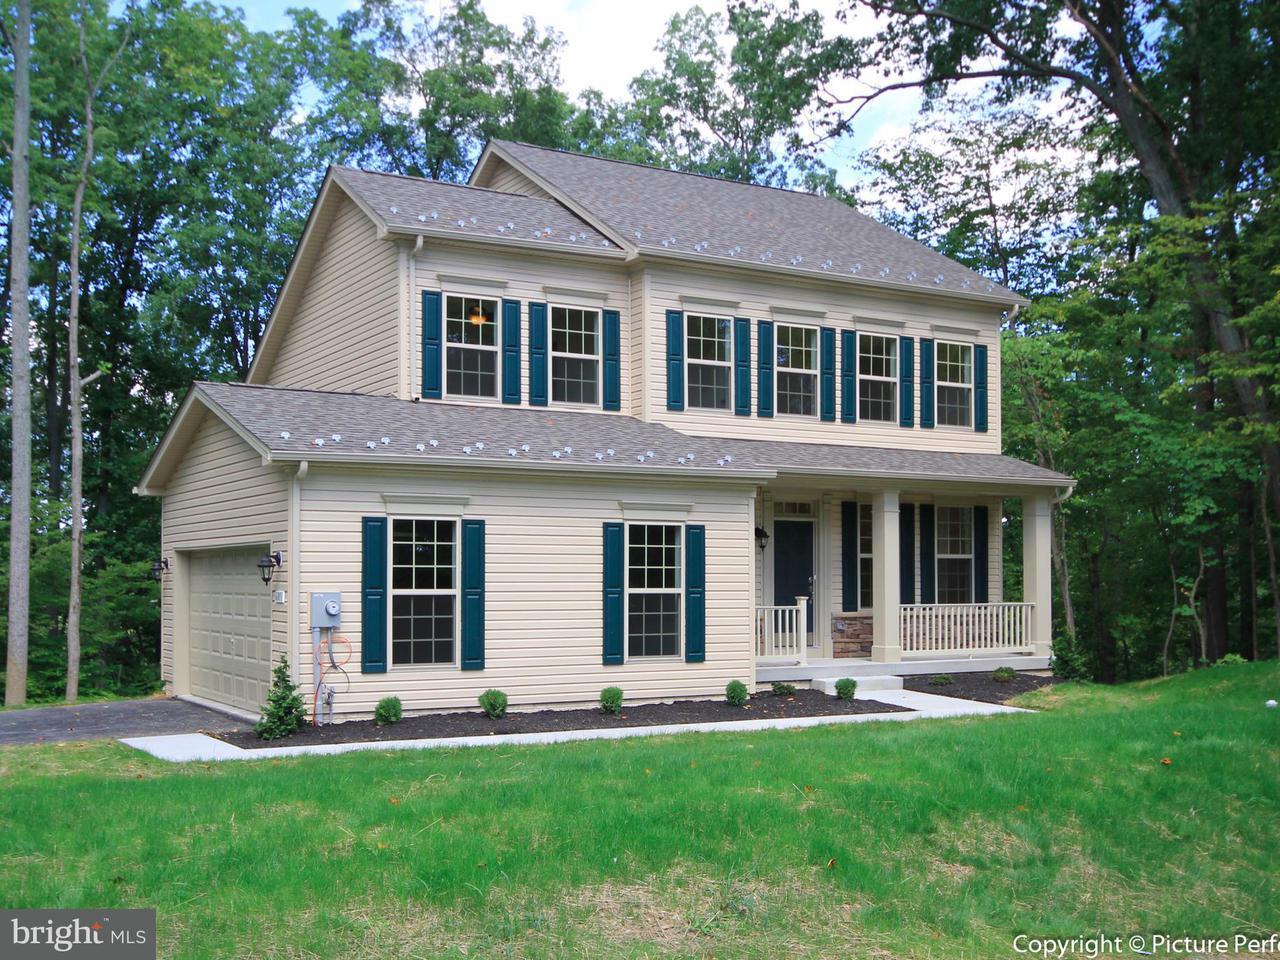 Casa Unifamiliar por un Venta en 6430 Lakeridge Drive 6430 Lakeridge Drive New Market, Maryland 21774 Estados Unidos